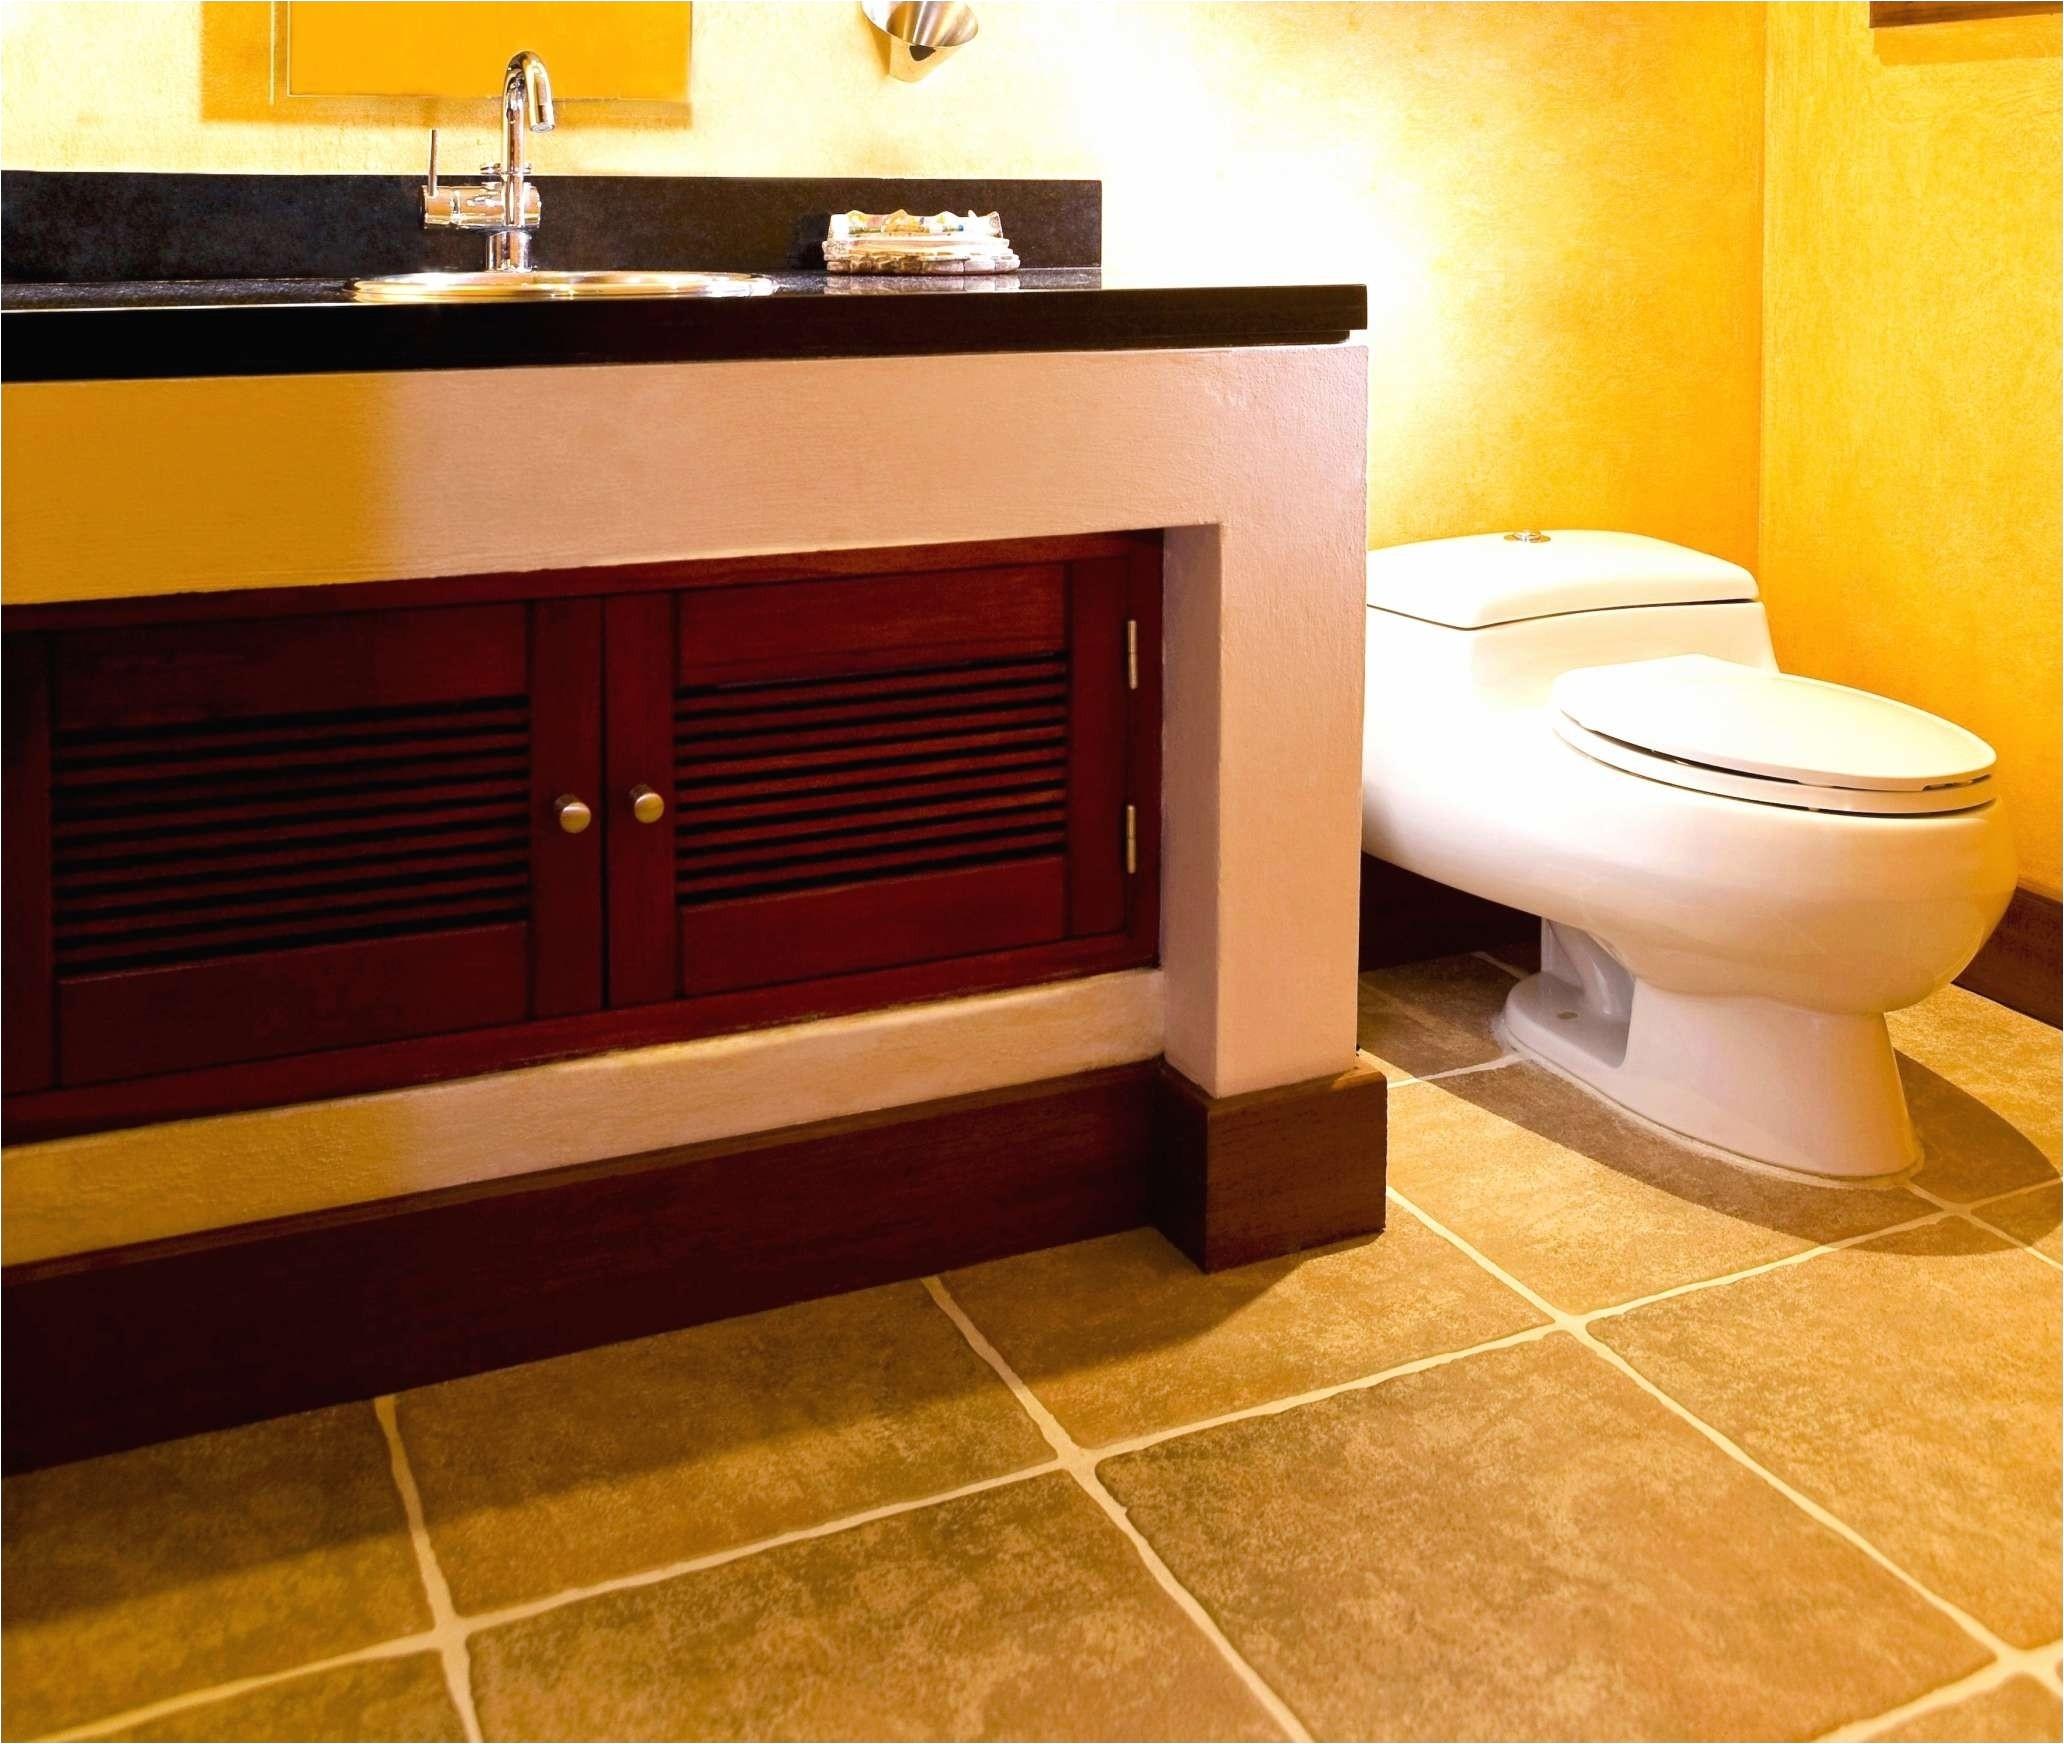 Bathroom Floor Tile Design Ideas Inspirationa Porcelain Flooring Ideas Floor Tiles Mosaic Bathroom 0d New Bathroom